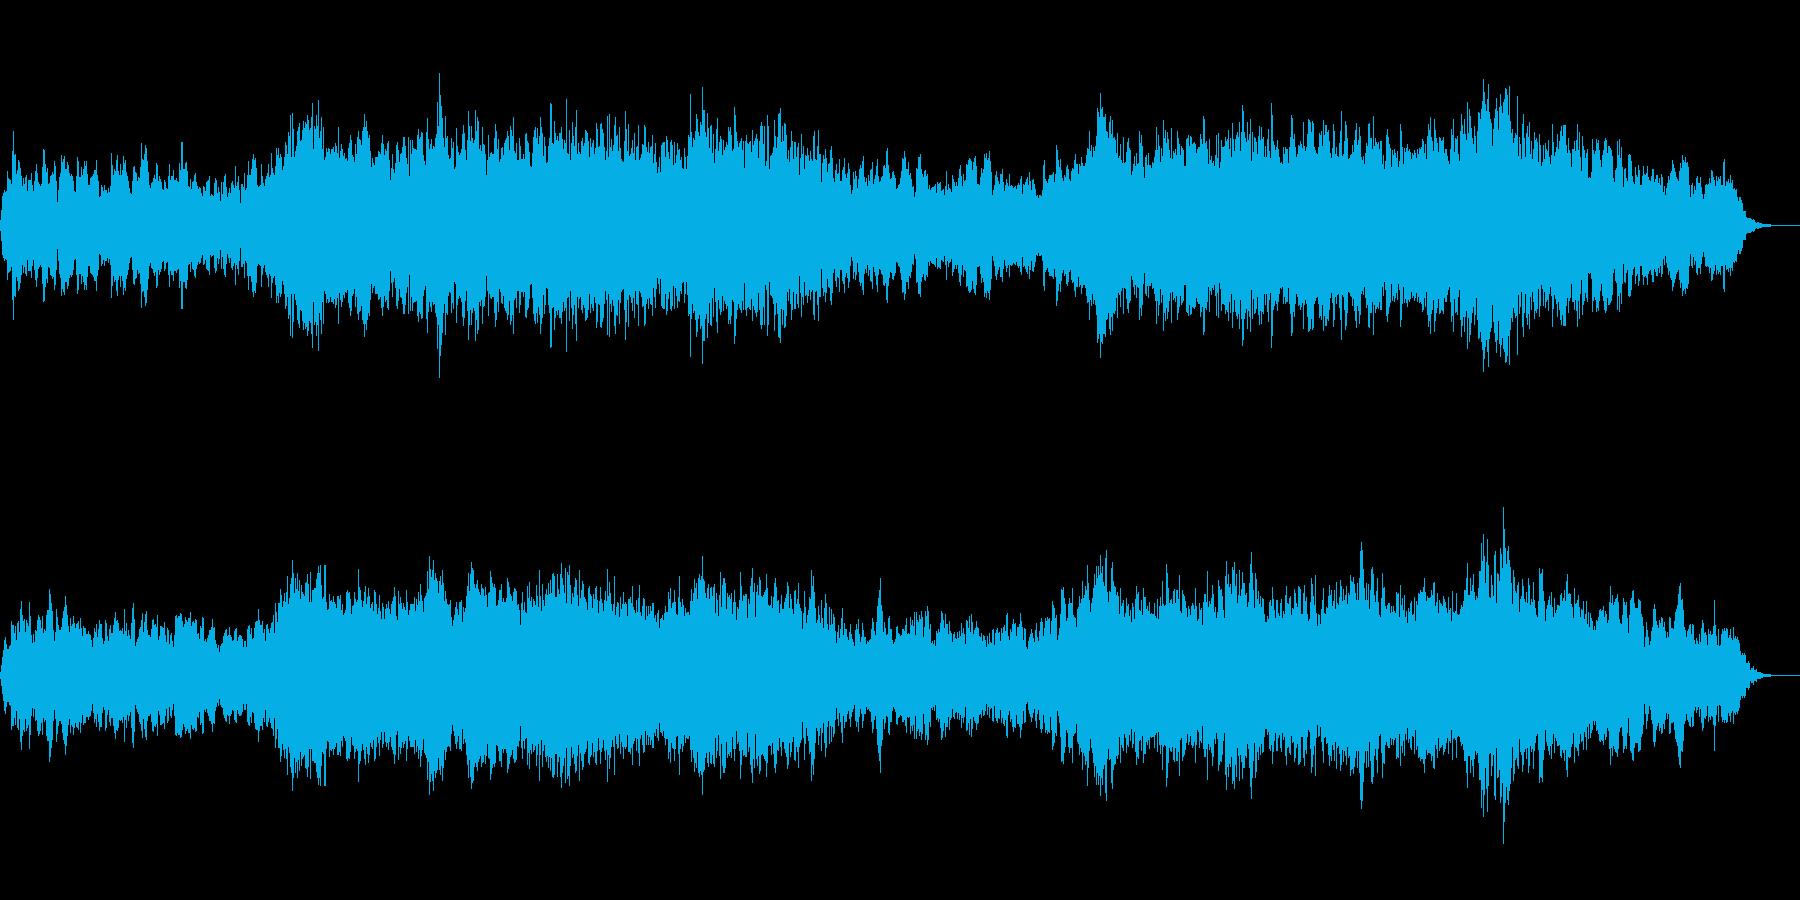 アンビエント環境音楽ヒーリング-05の再生済みの波形